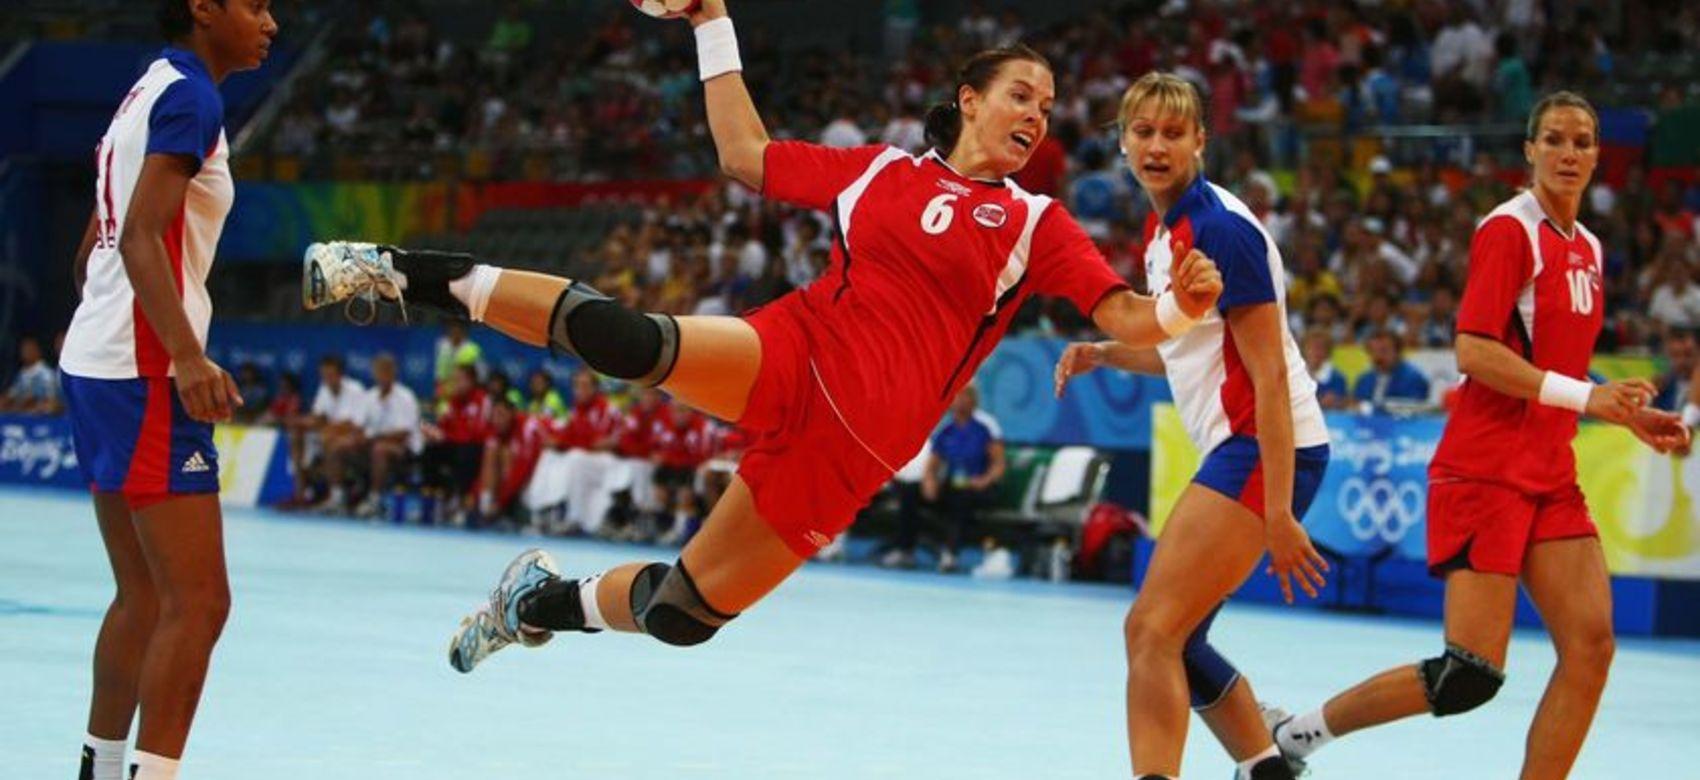 Handball_2_1_